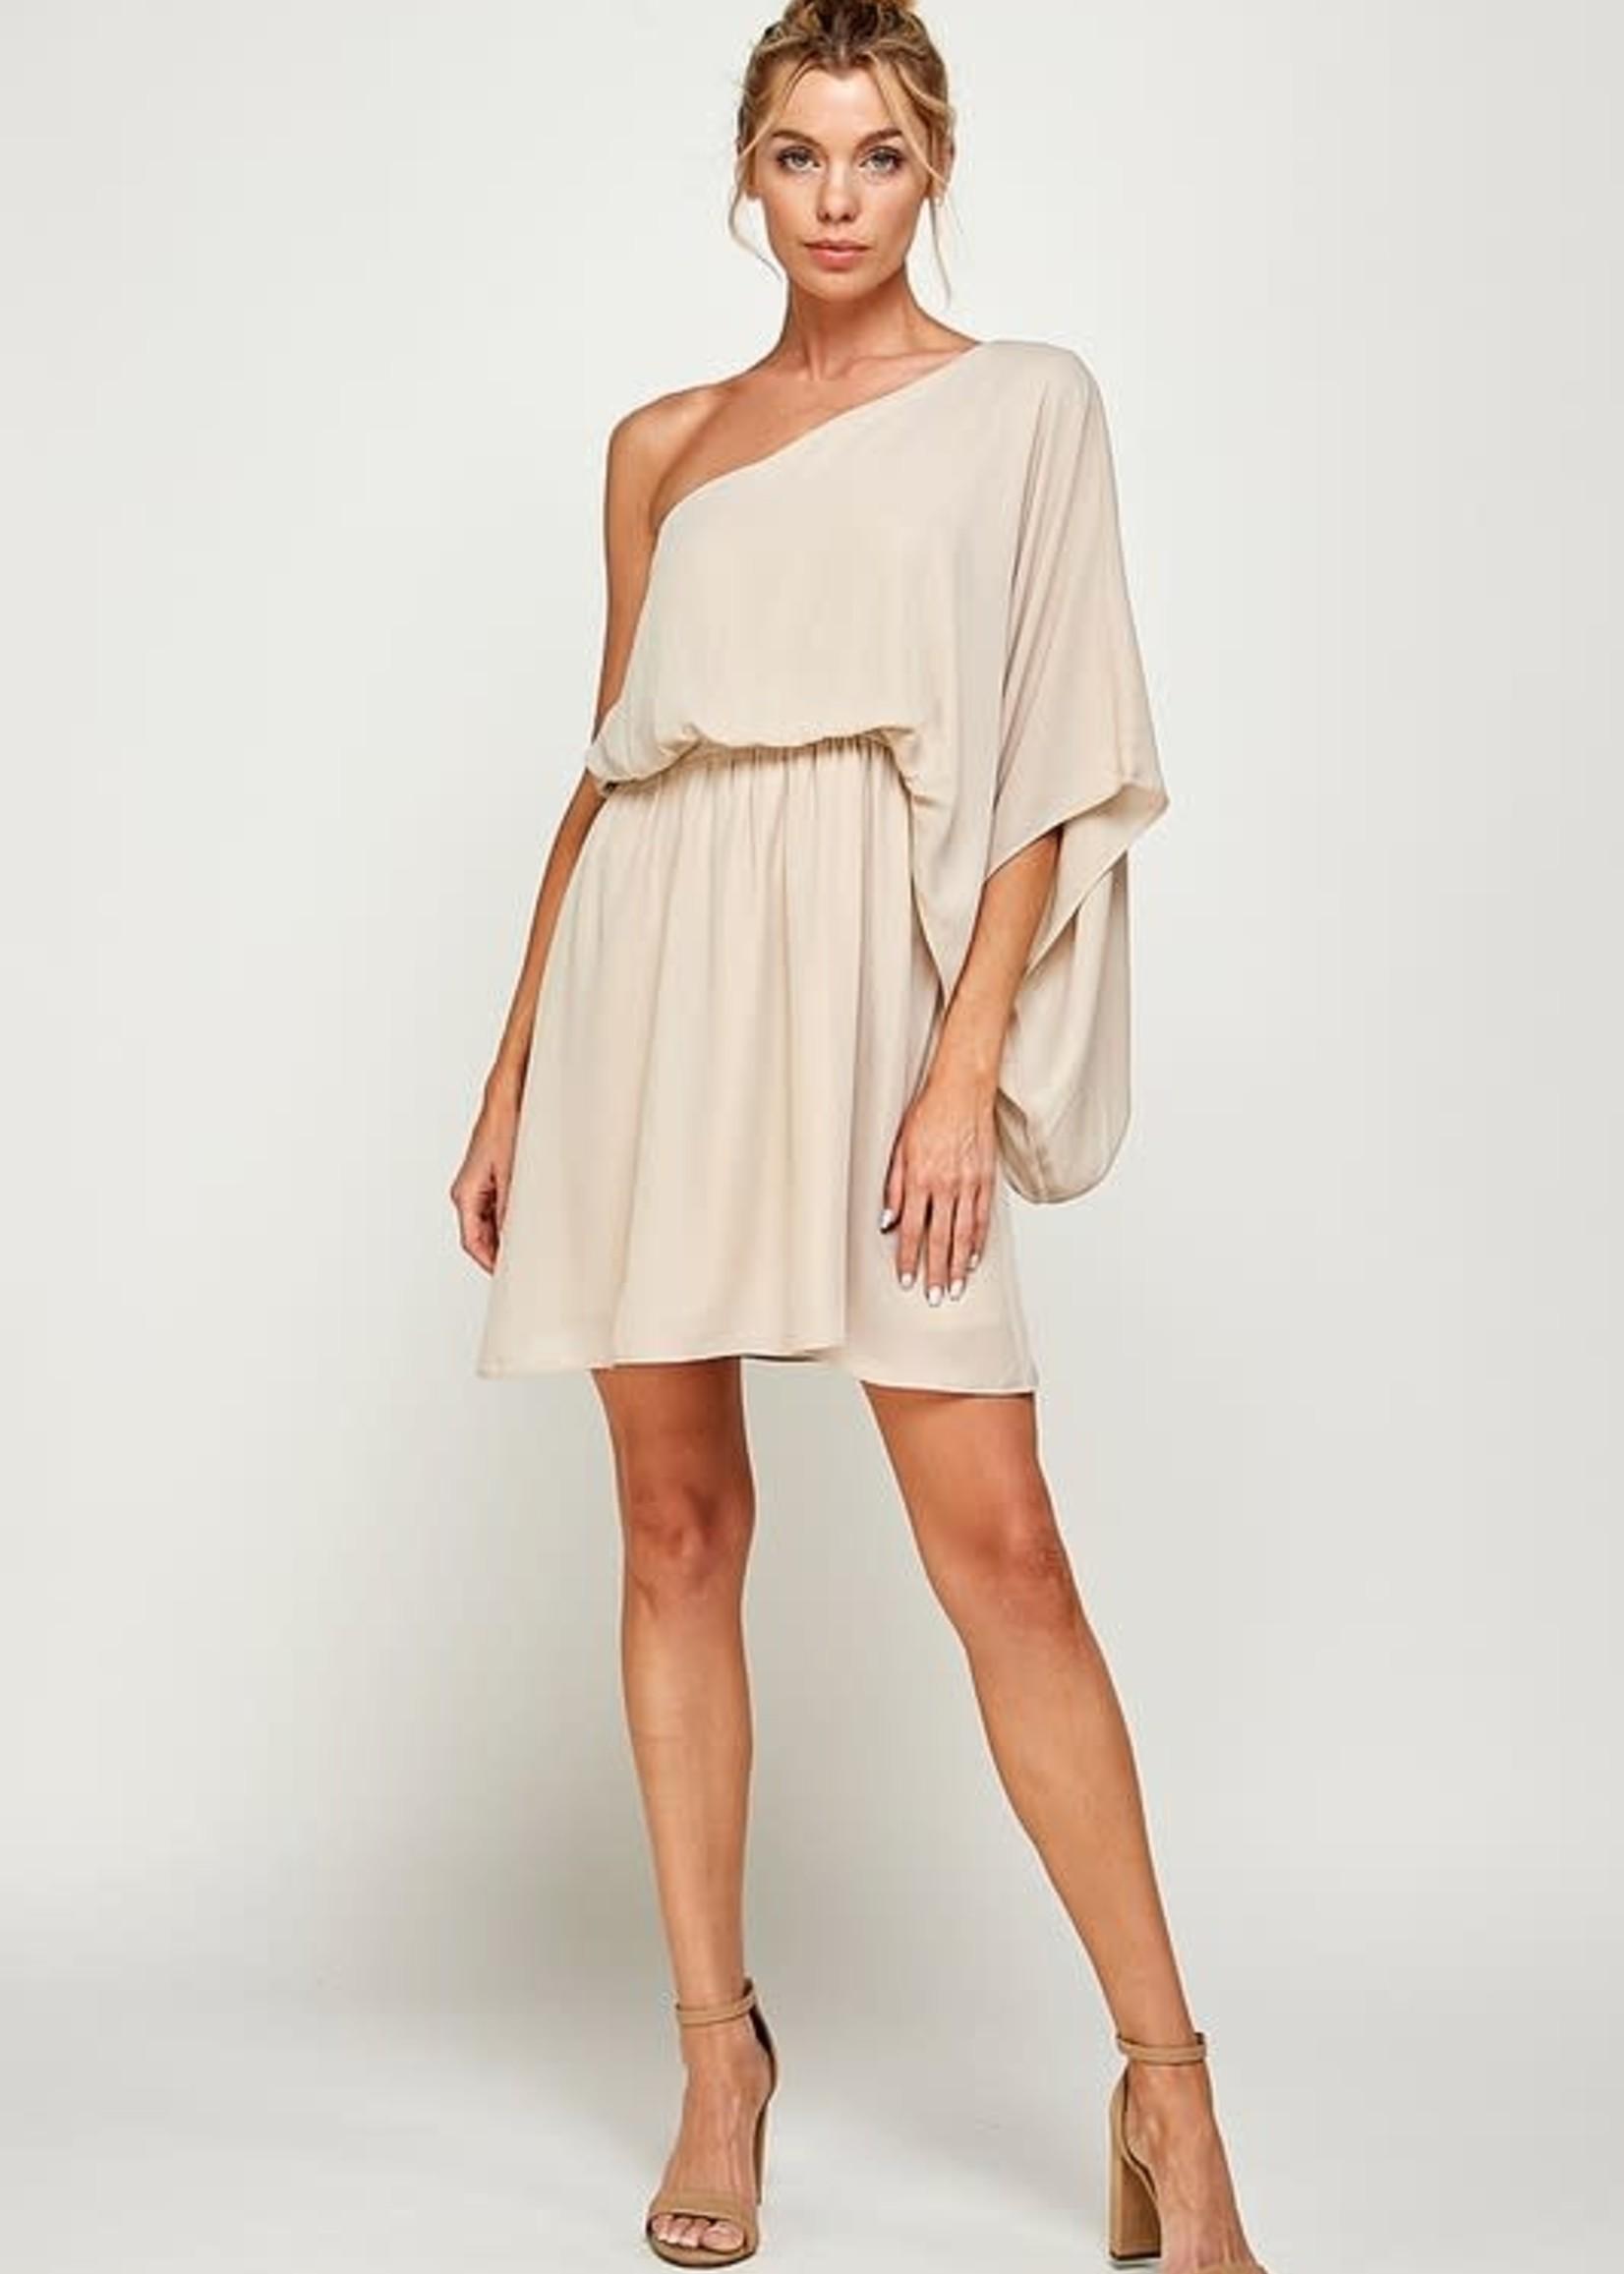 RSVP Yes One Shoulder Dress